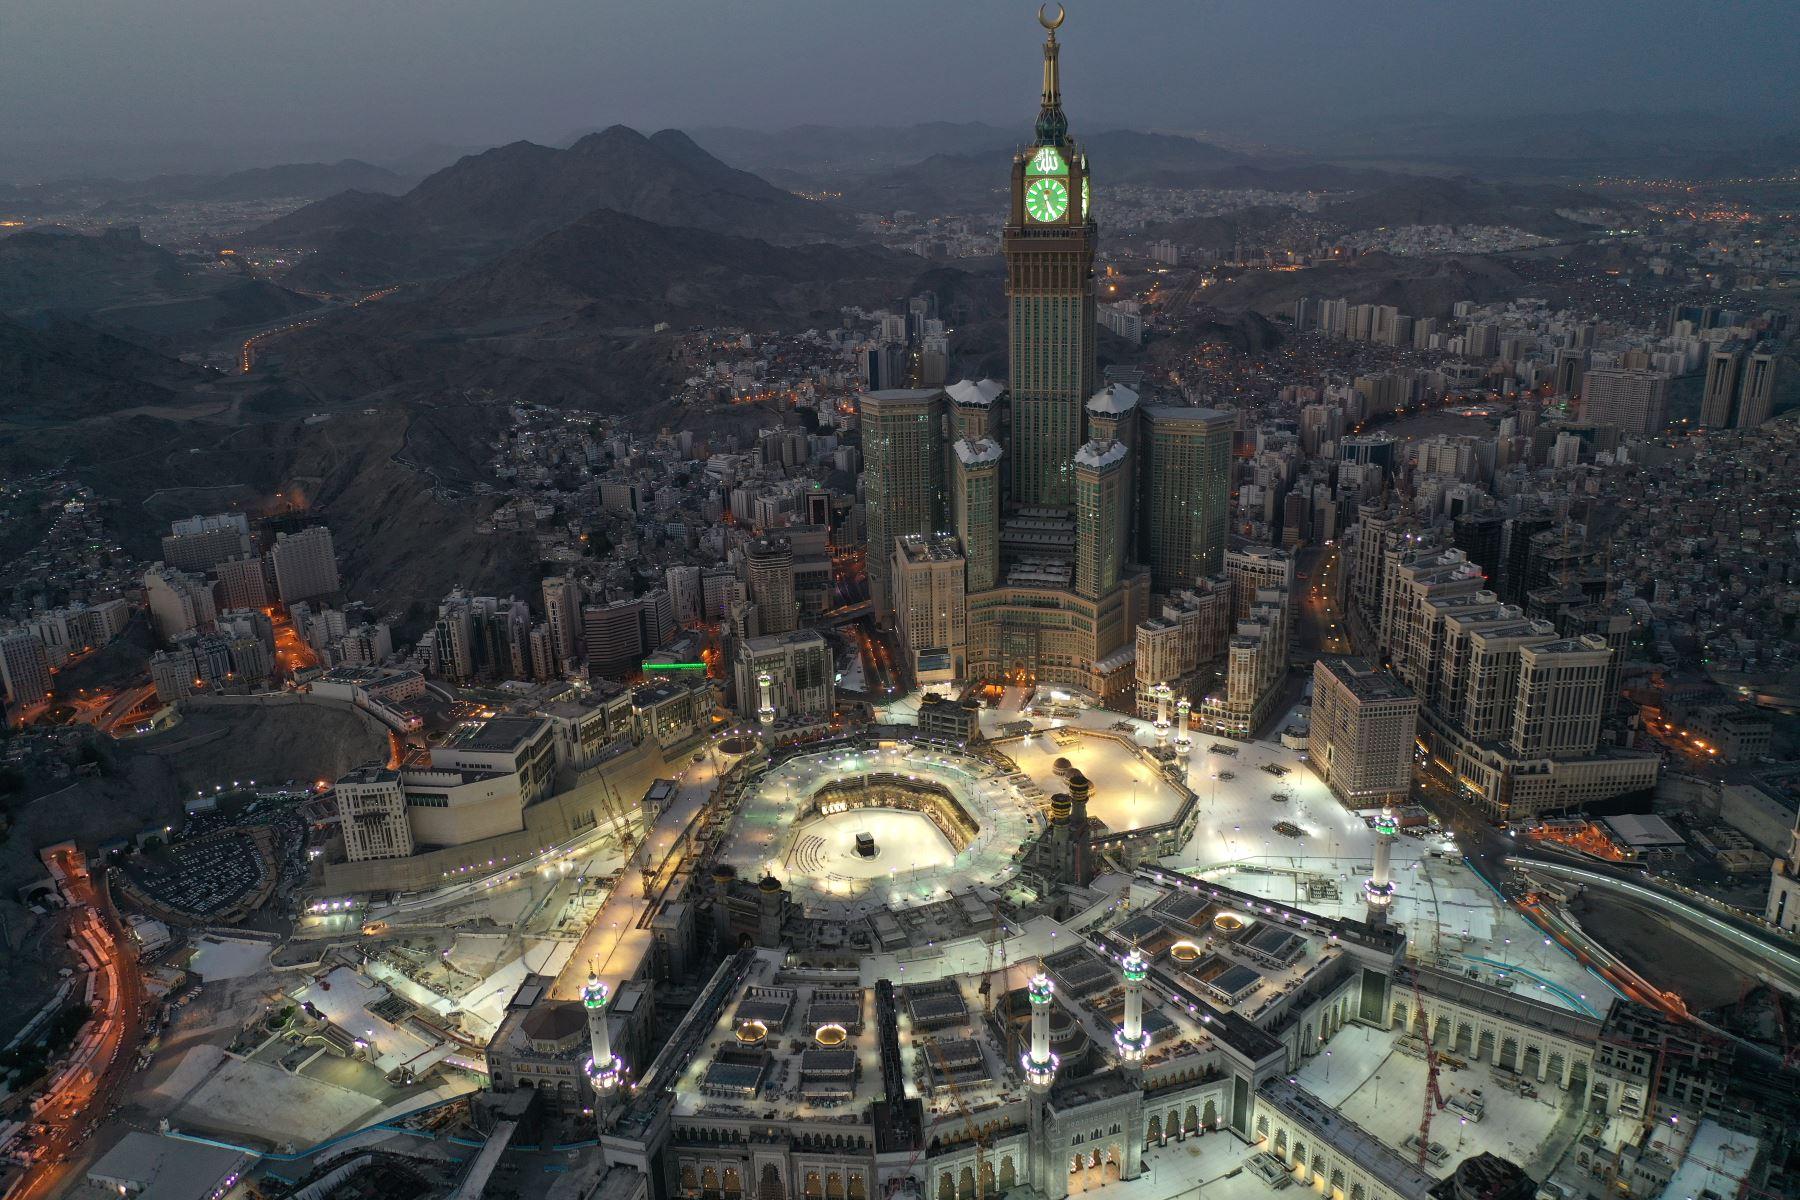 Una vista aérea de la ciudad sagrada de La Meca, en Arabia Saudita, con vistas a la Gran Mezquita y Kaaba en el centro. El país del medio oriente comenzó un toque de queda de cinco días después de que las infecciones por coronarios aumentaron más de cuatro veces desde el inicio del Ramadán. Foto: AFP